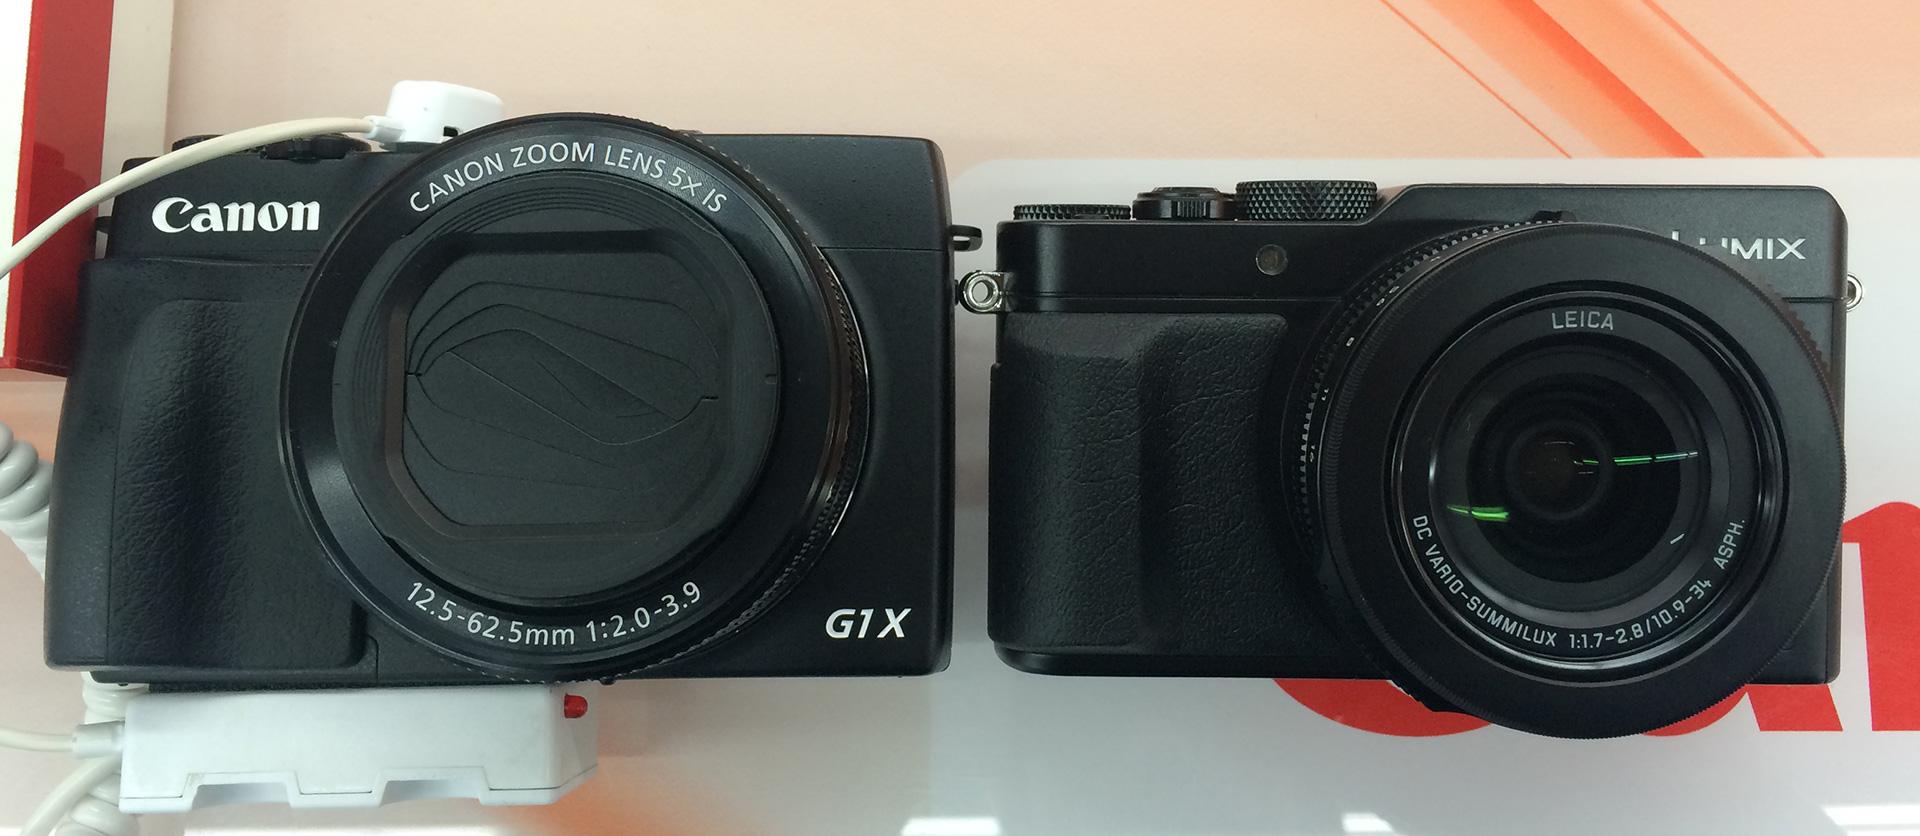 canon g1x vs g16 video er